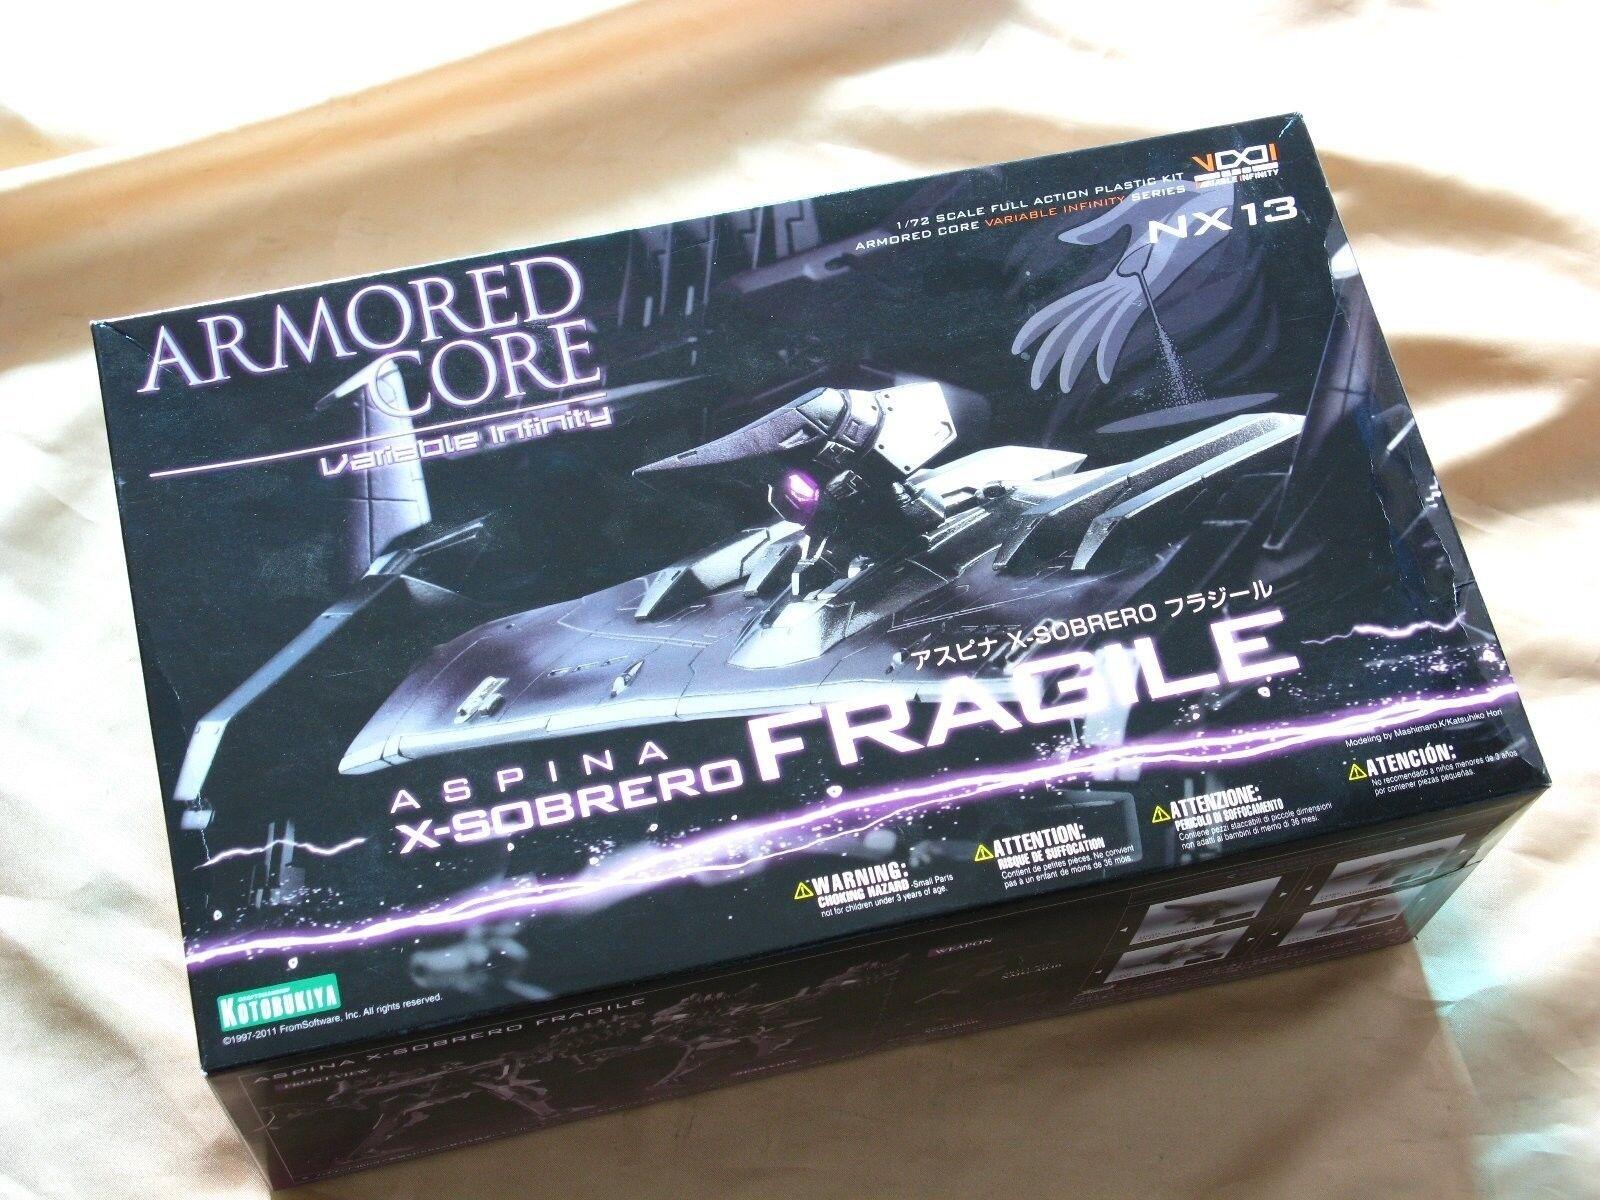 Armored Core NX-13 1 72 Aspina X-Sobrero Fragile